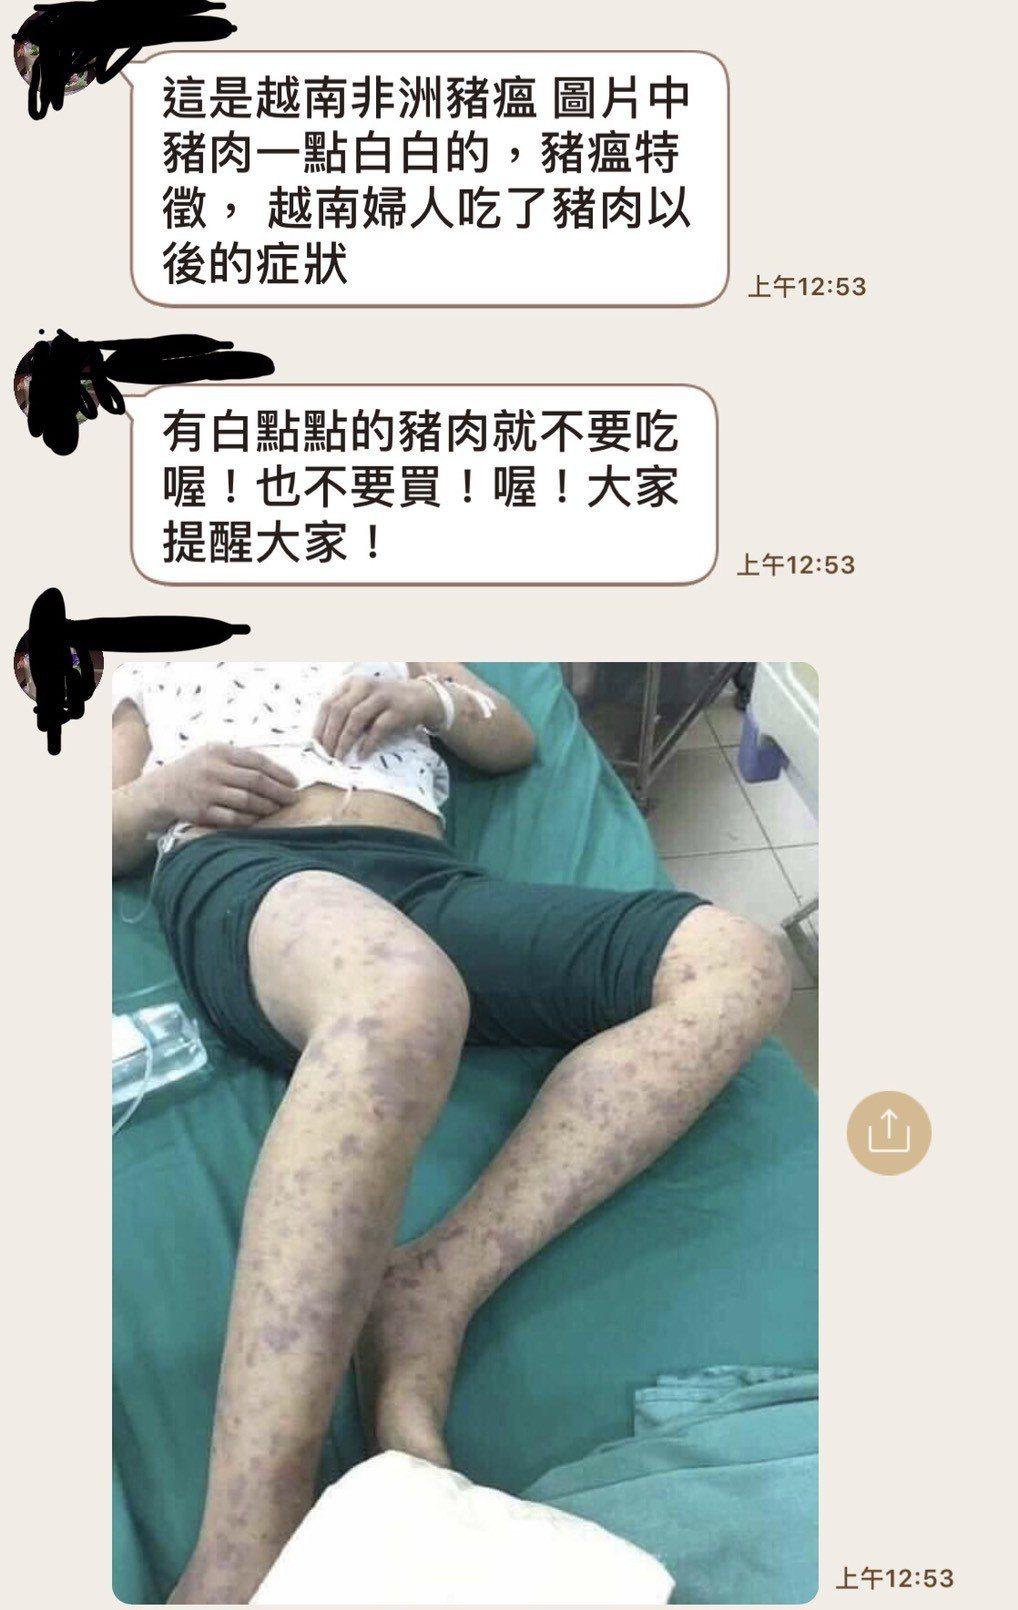 網路瘋傳吃了非洲豬瘟肉而全身長斑,疾管署表示是來自越南的假消息。圖/翻攝自lin...